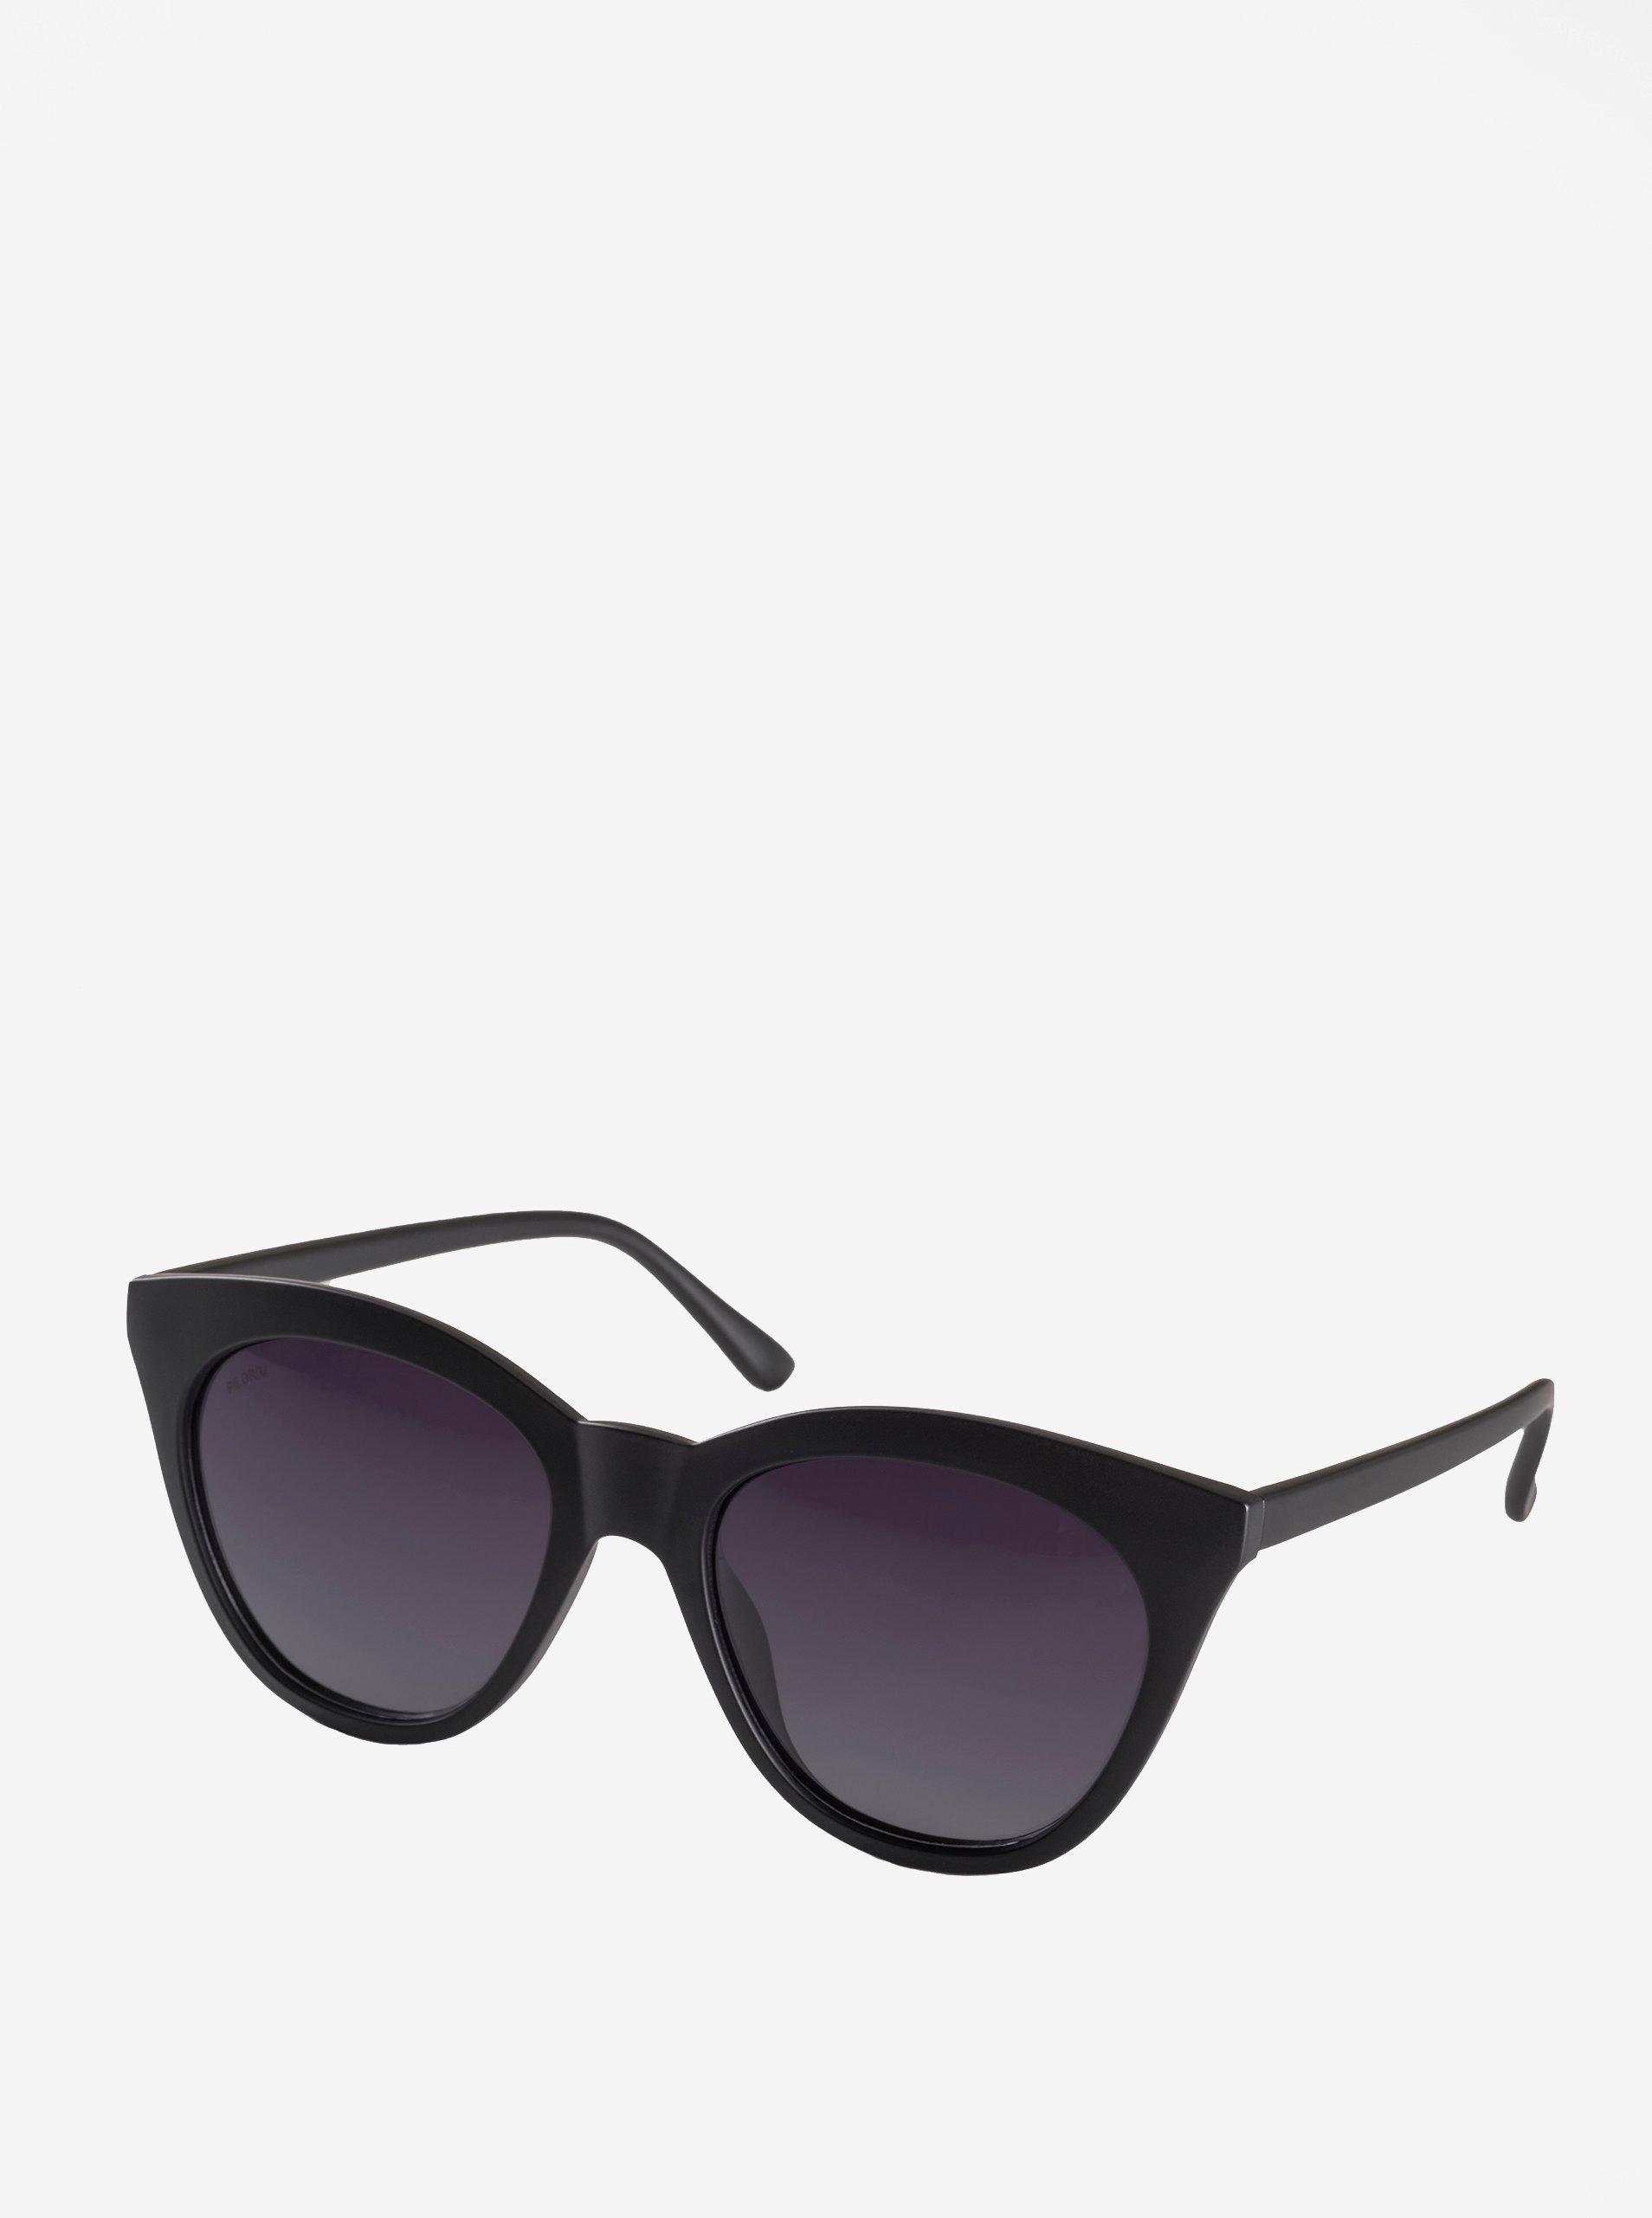 Čierne dámske slnečné okuliare Pilgrim Ivy  5f550e2ed49